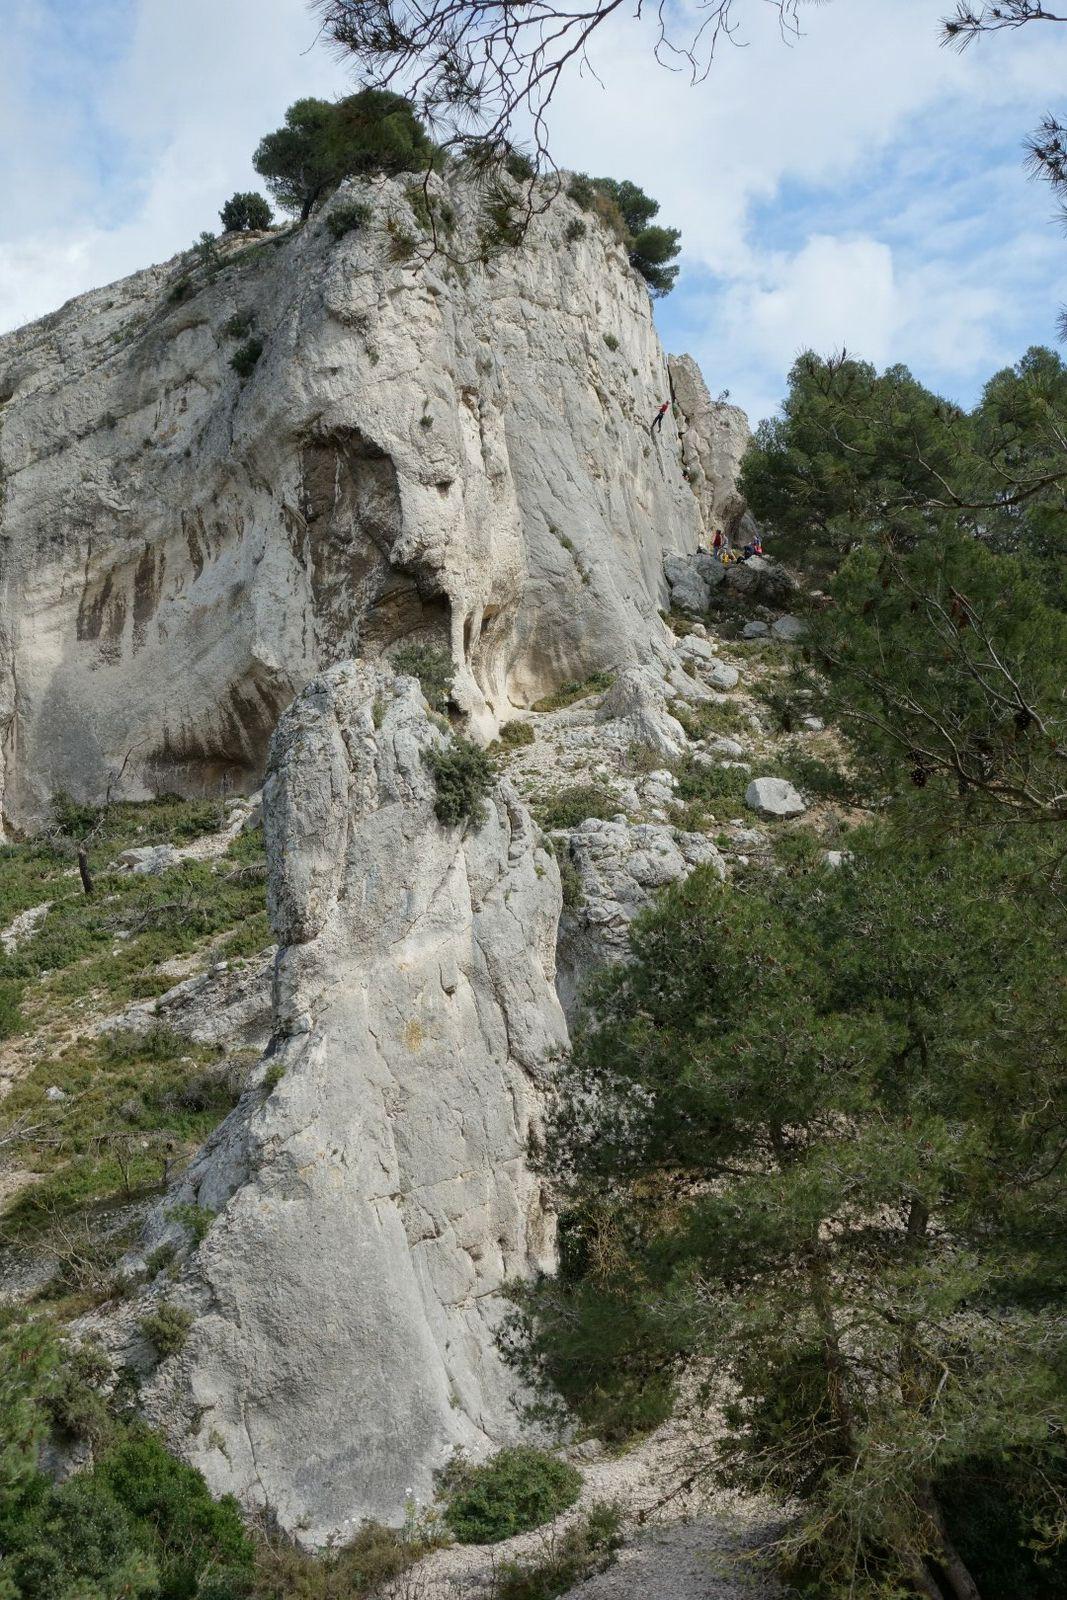 le vallon du Saut, ses chèvres du Rove semi-sauvages et ses aiguilles de calcaire éparpillées dans la pinède